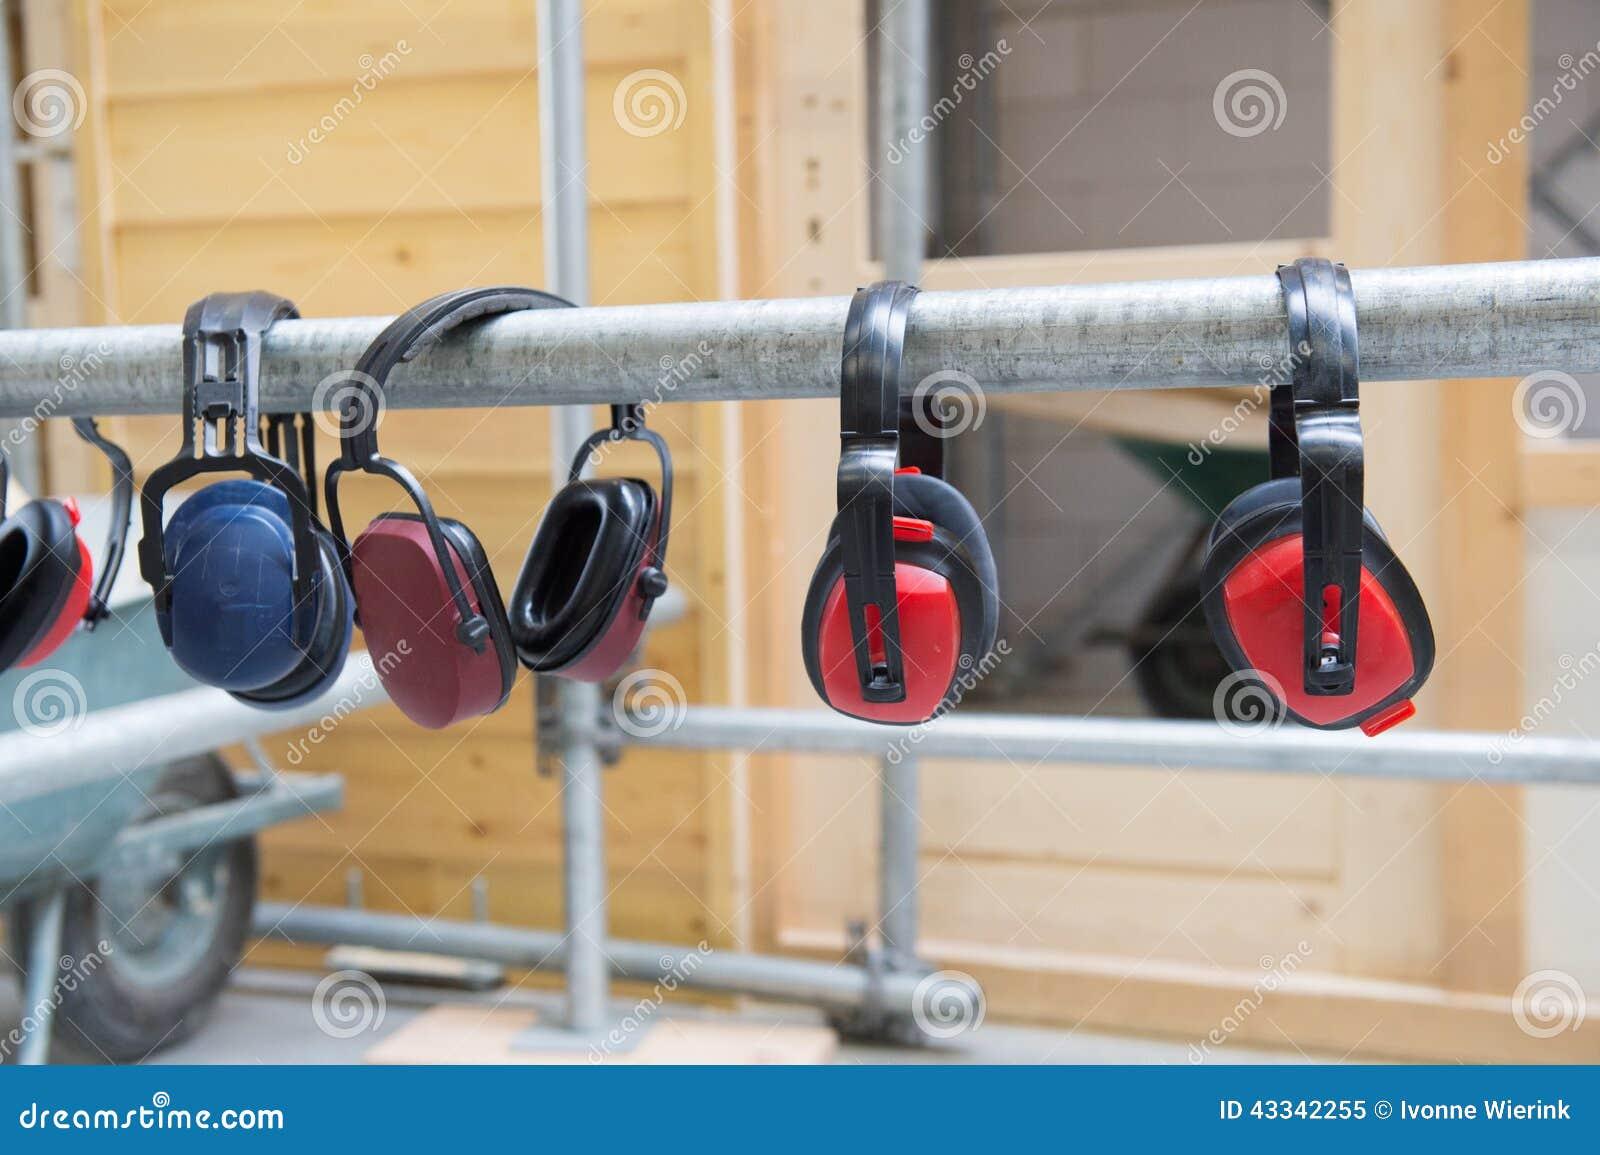 Προστασία αυτιών για το θόρυβο